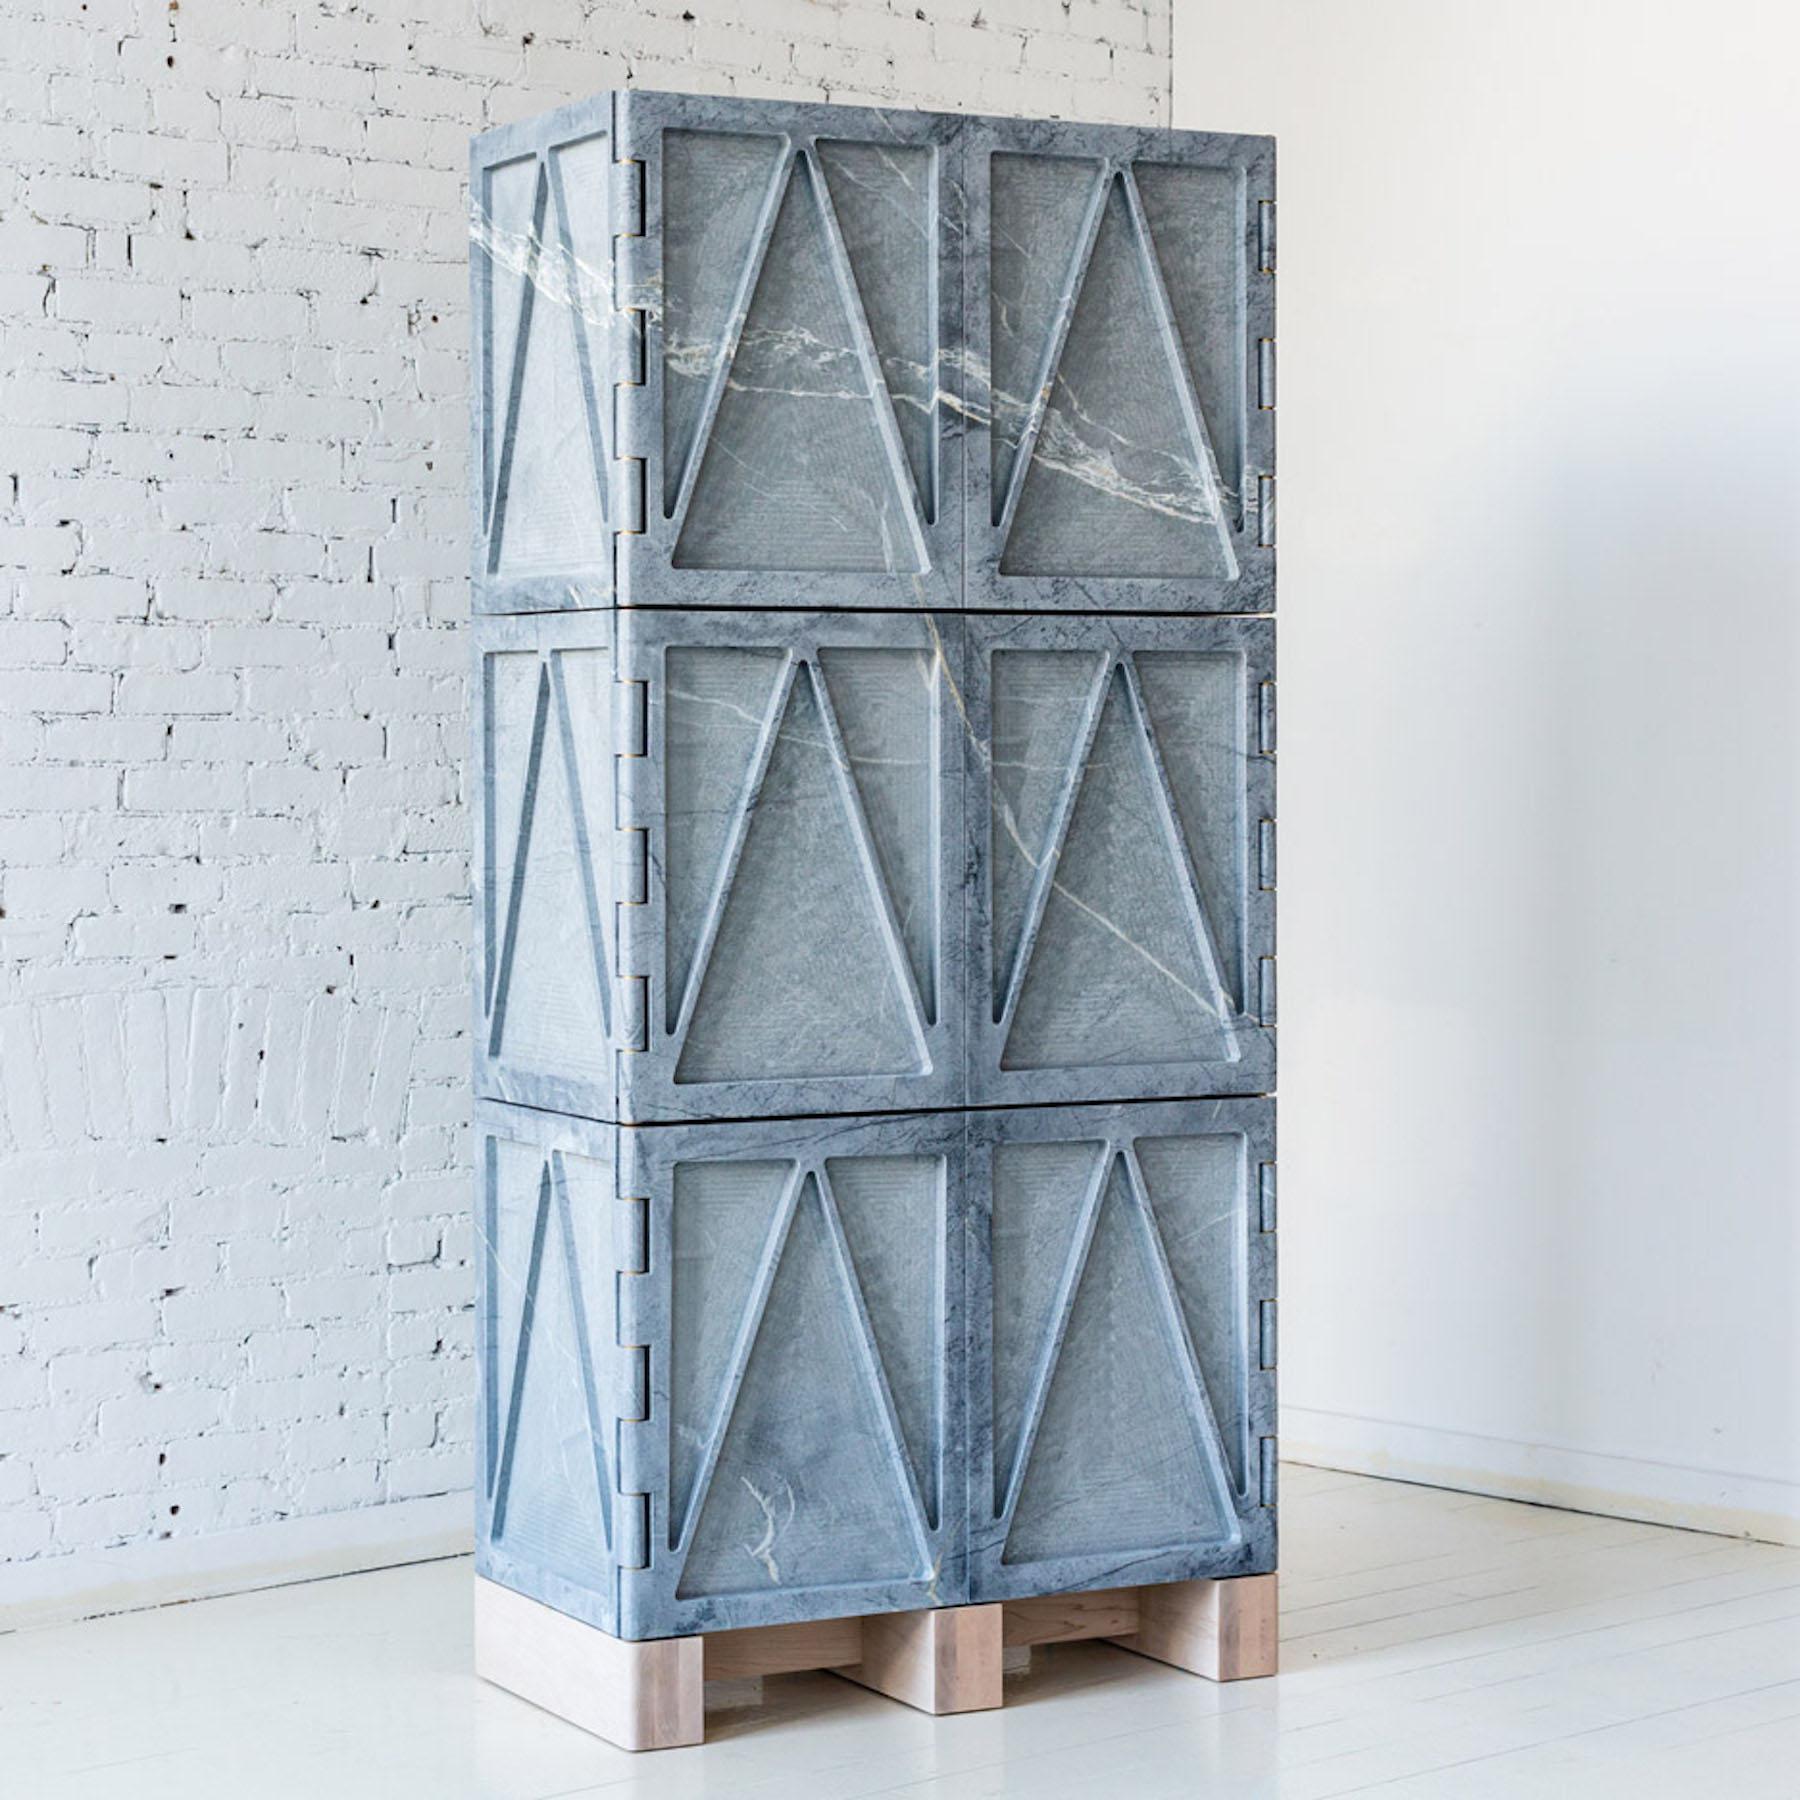 iGNANT-Design-Fort-Standard-01